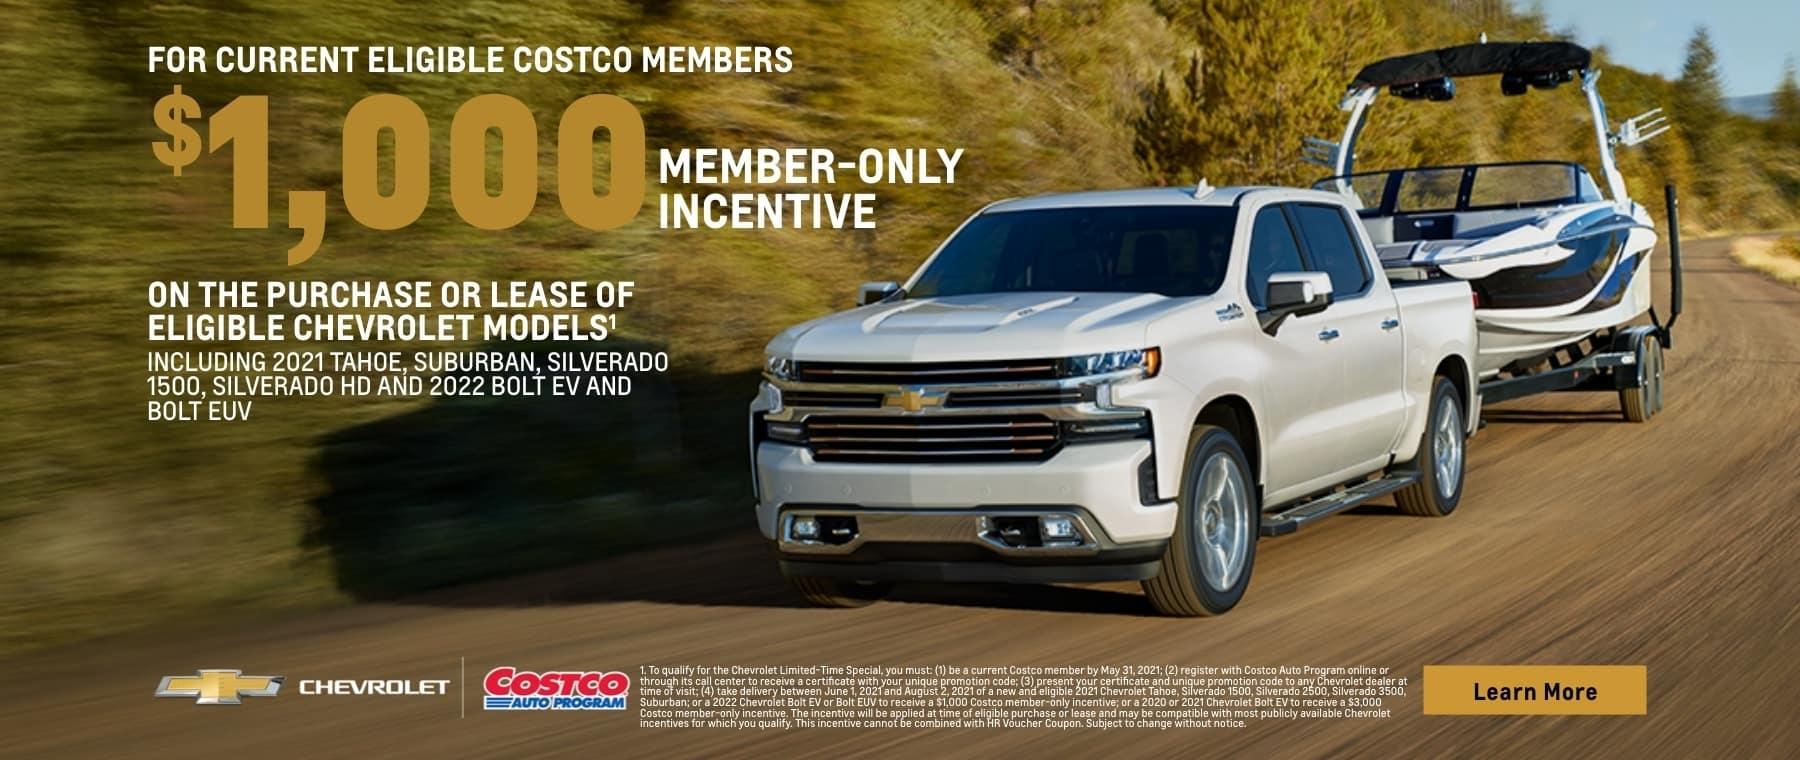 $1000 Costco Member Incentive